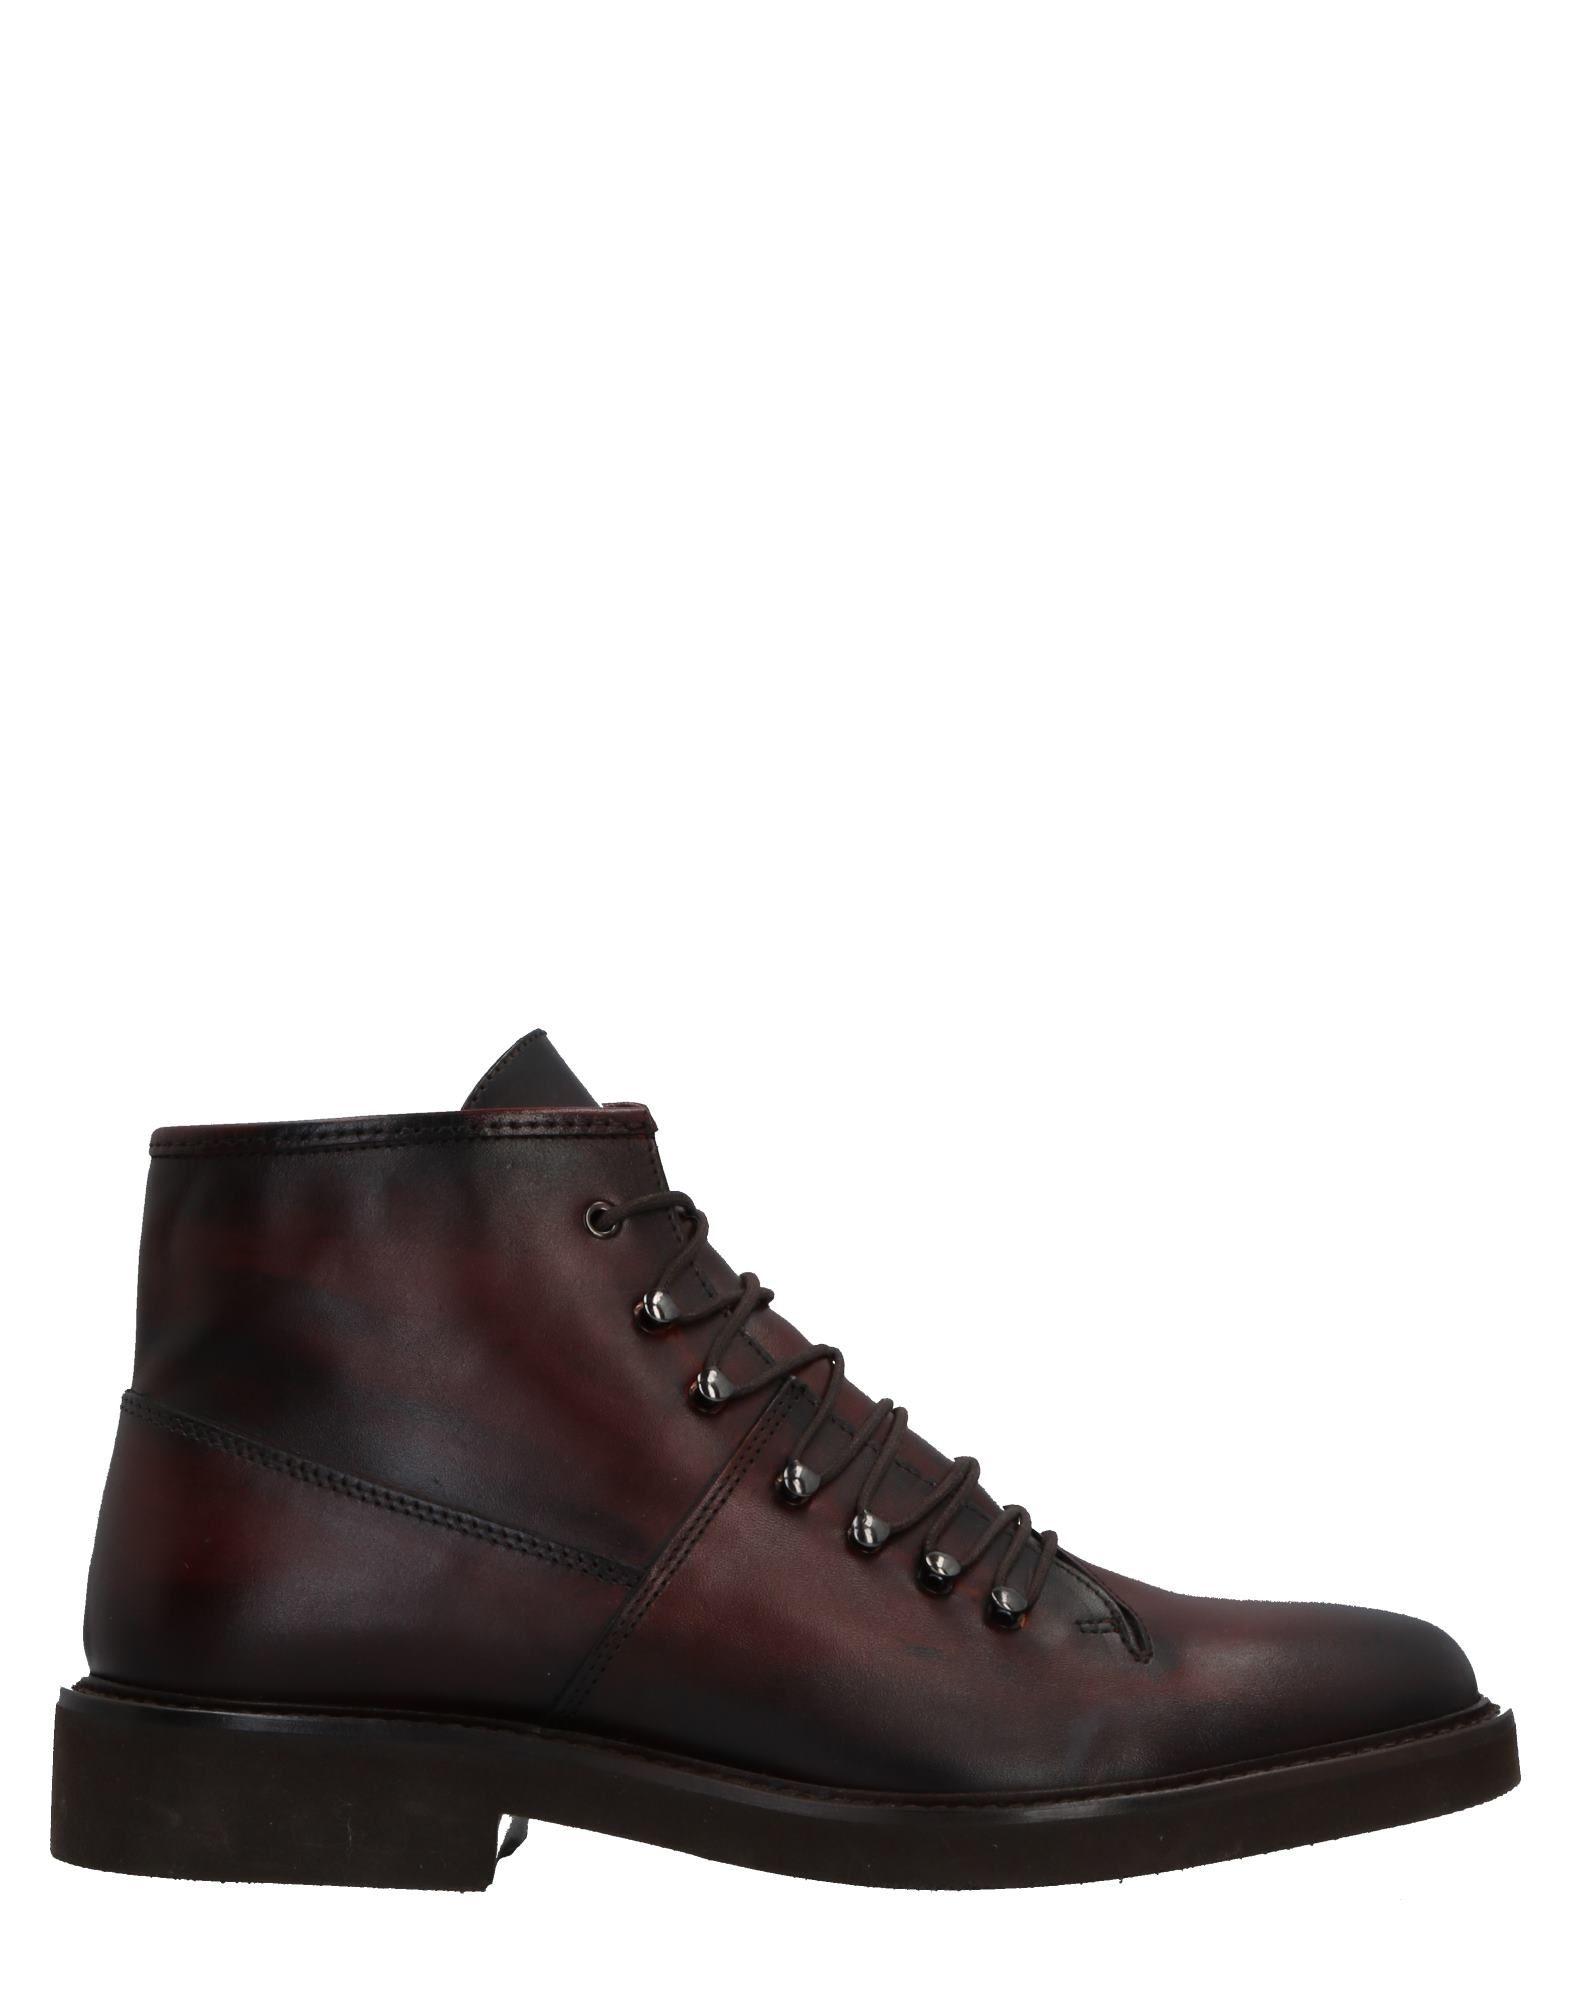 ROBERTO BOTTICELLI Полусапоги  высокие ботинки